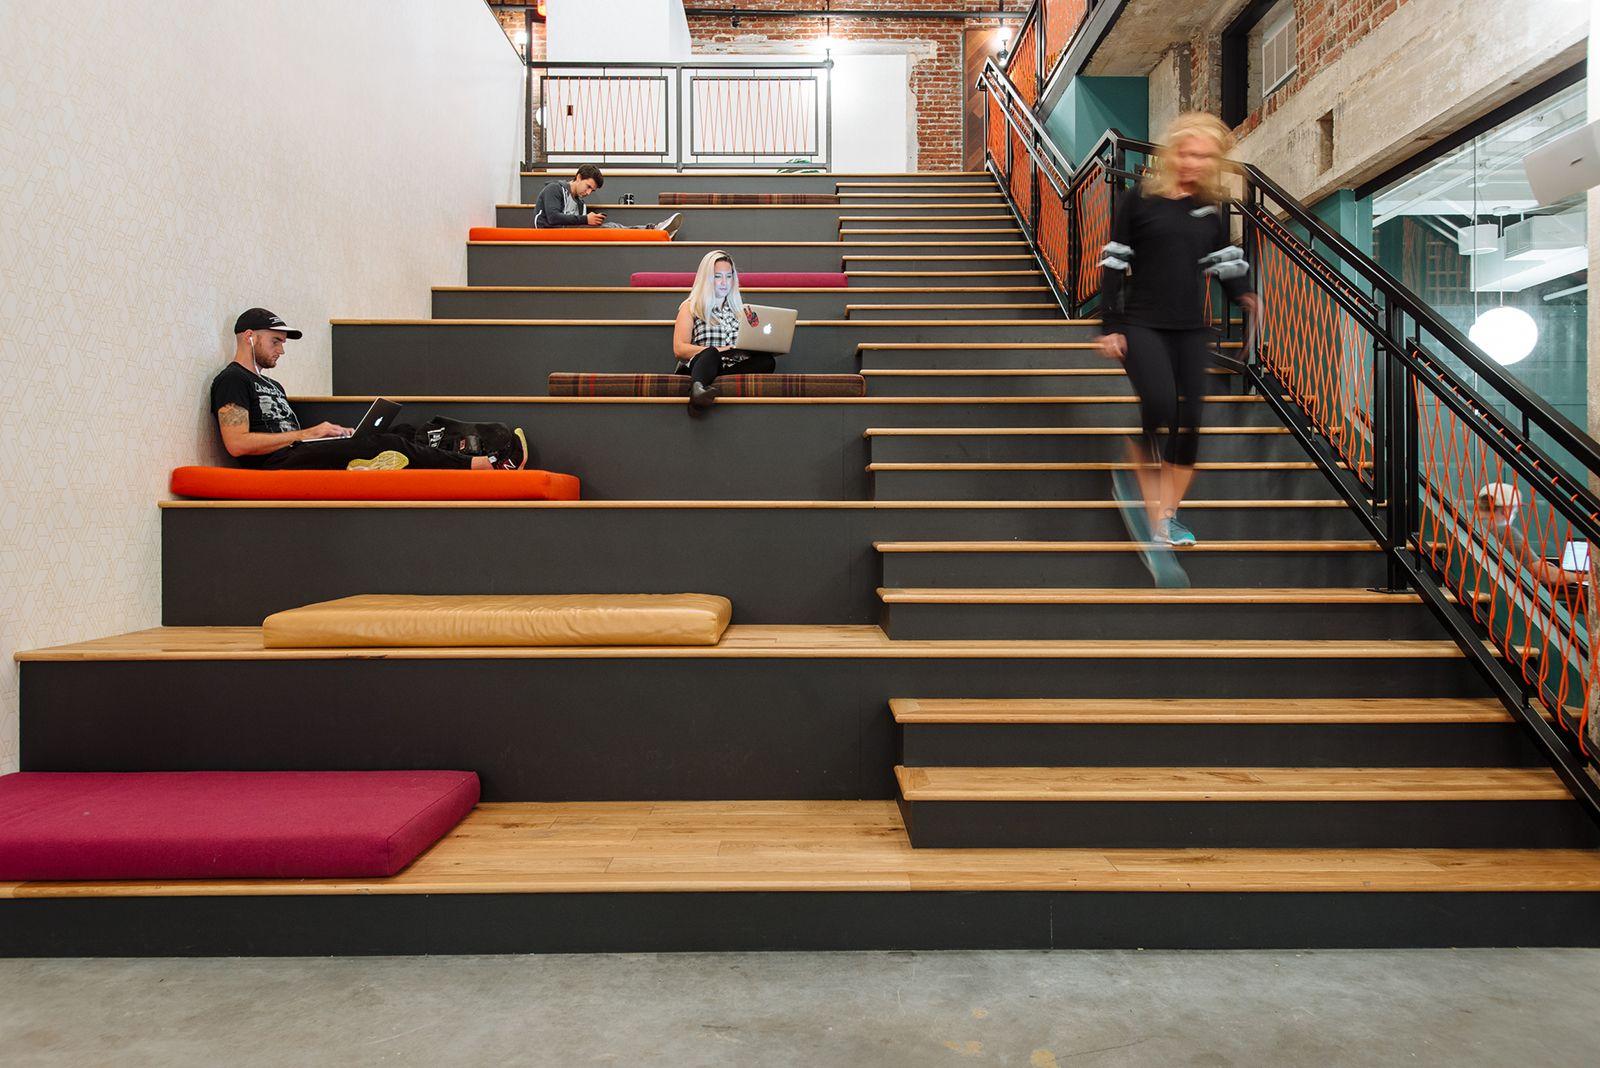 Kantoor En Meer : A tour of wework s new coworking space in philadelphia kantoren